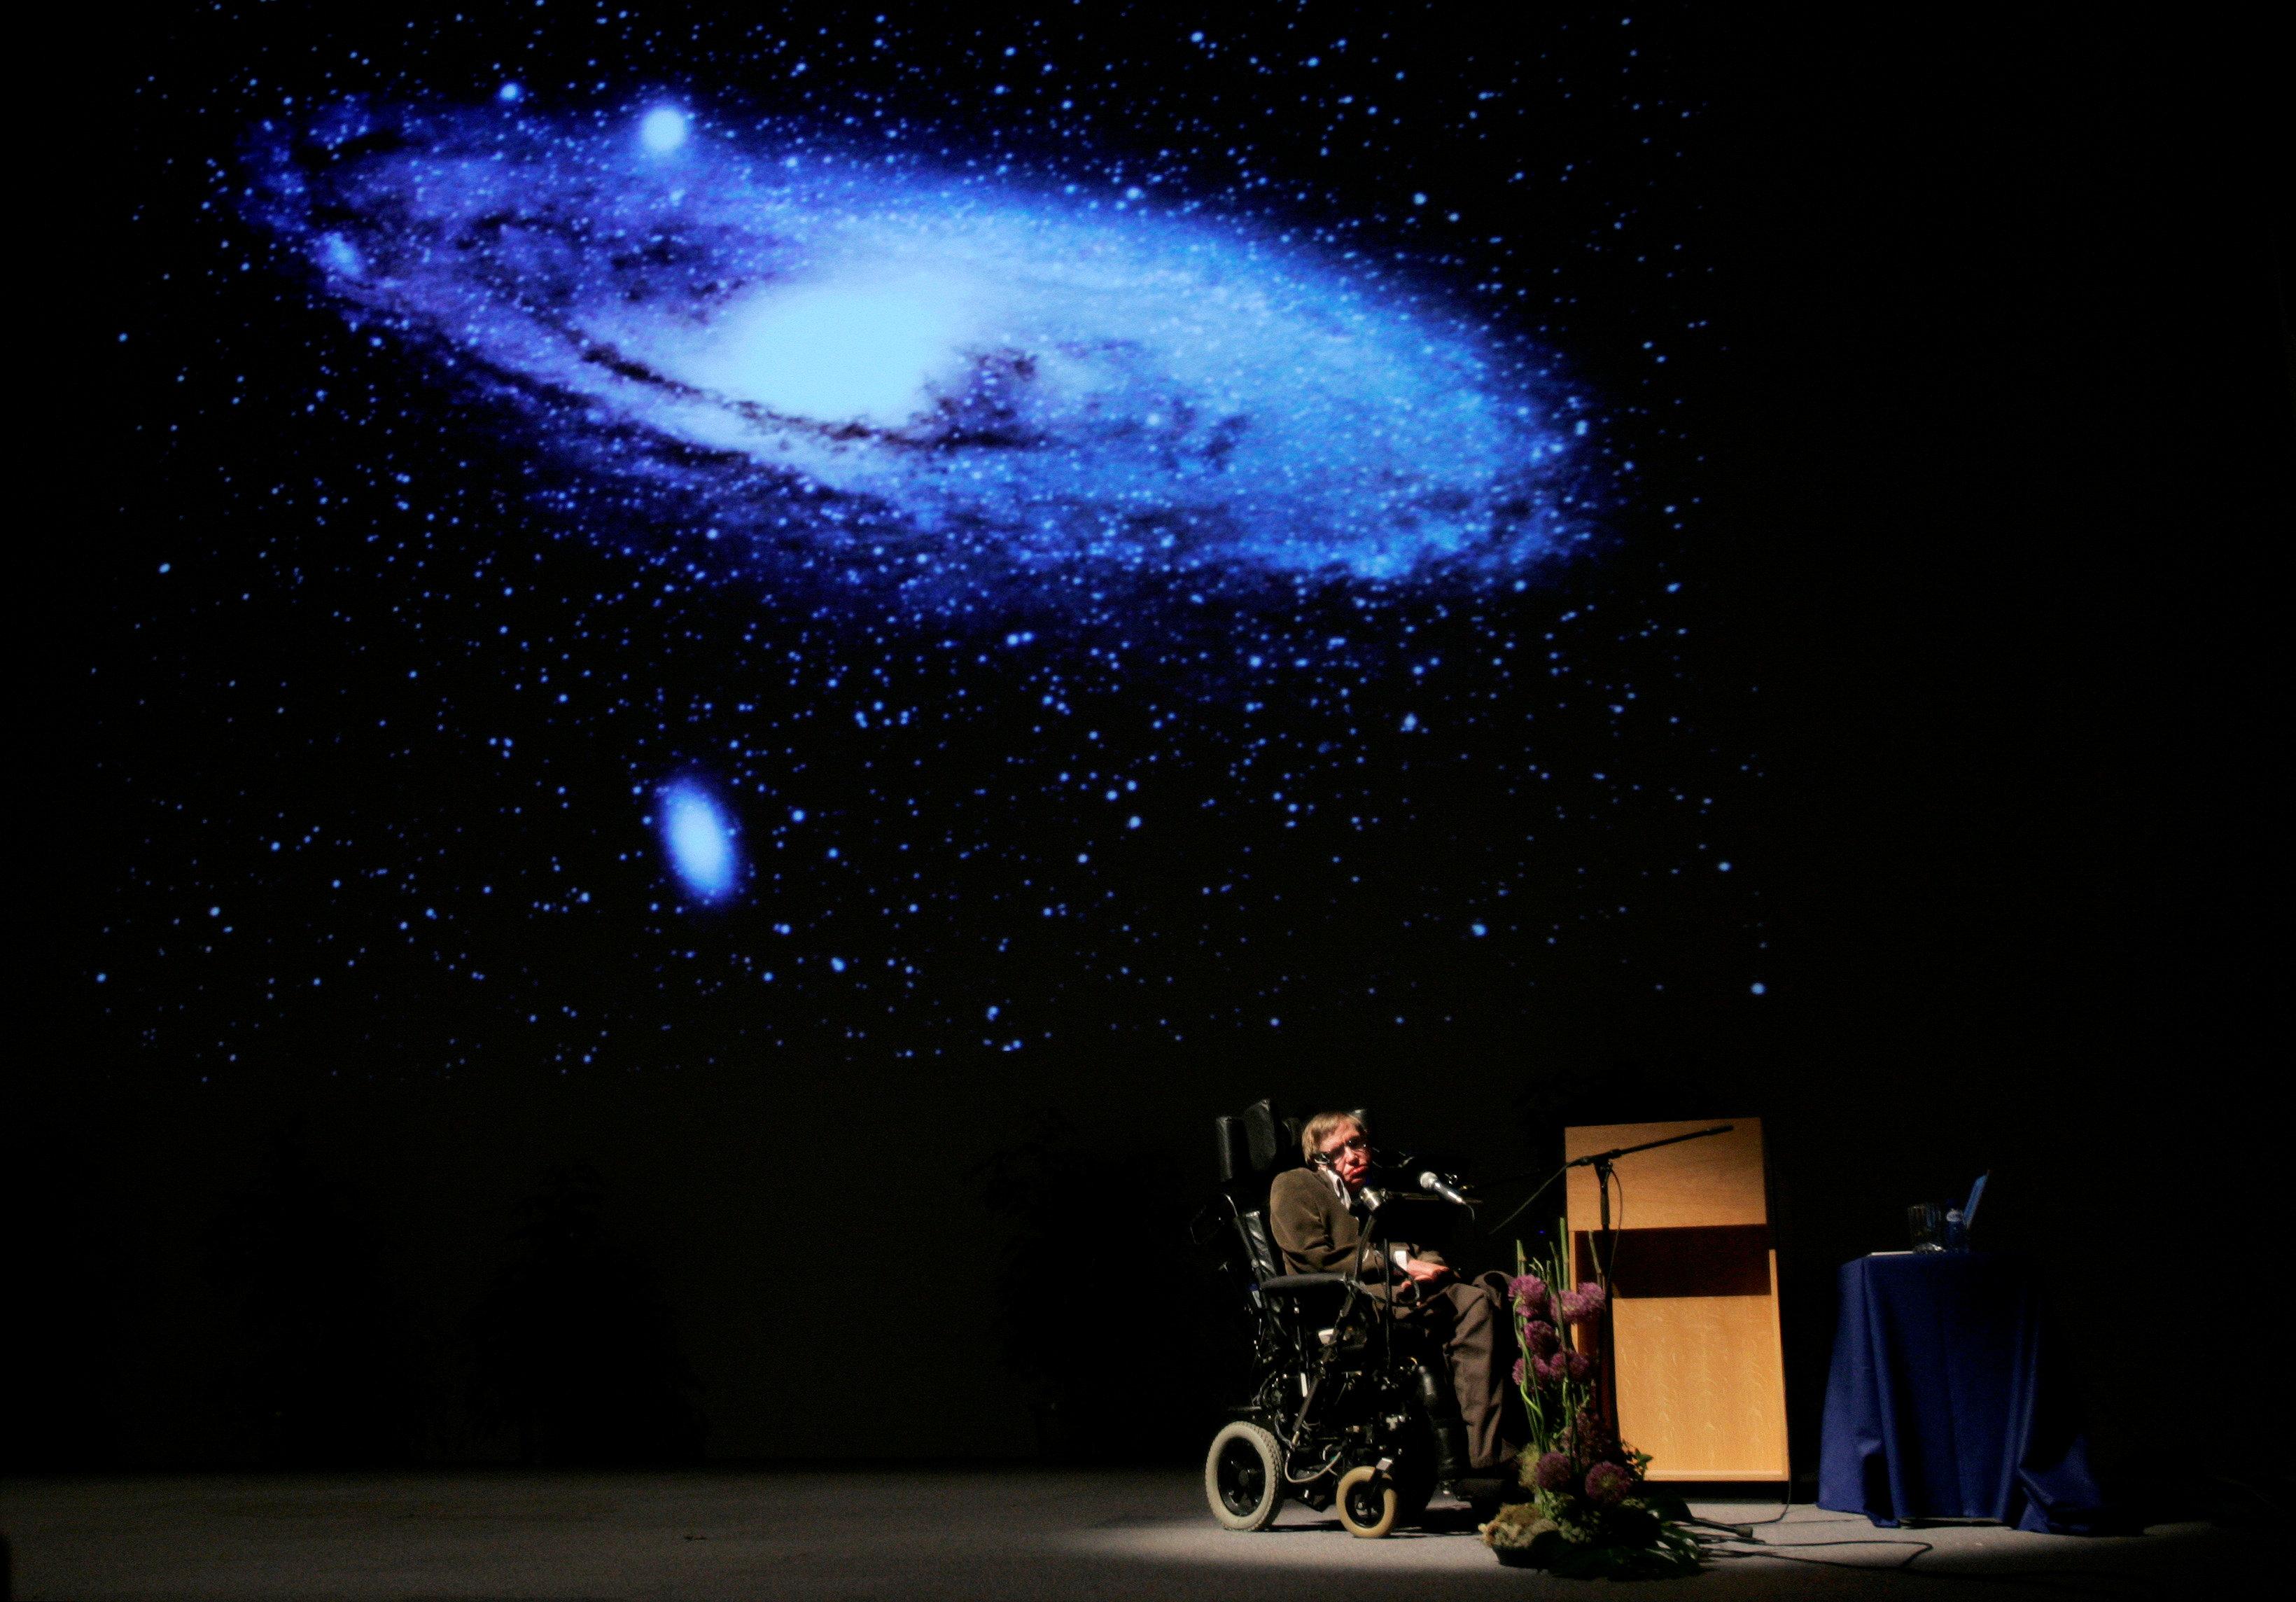 Последняя статья Хокинга сделала существование Творца более правдоподобным.